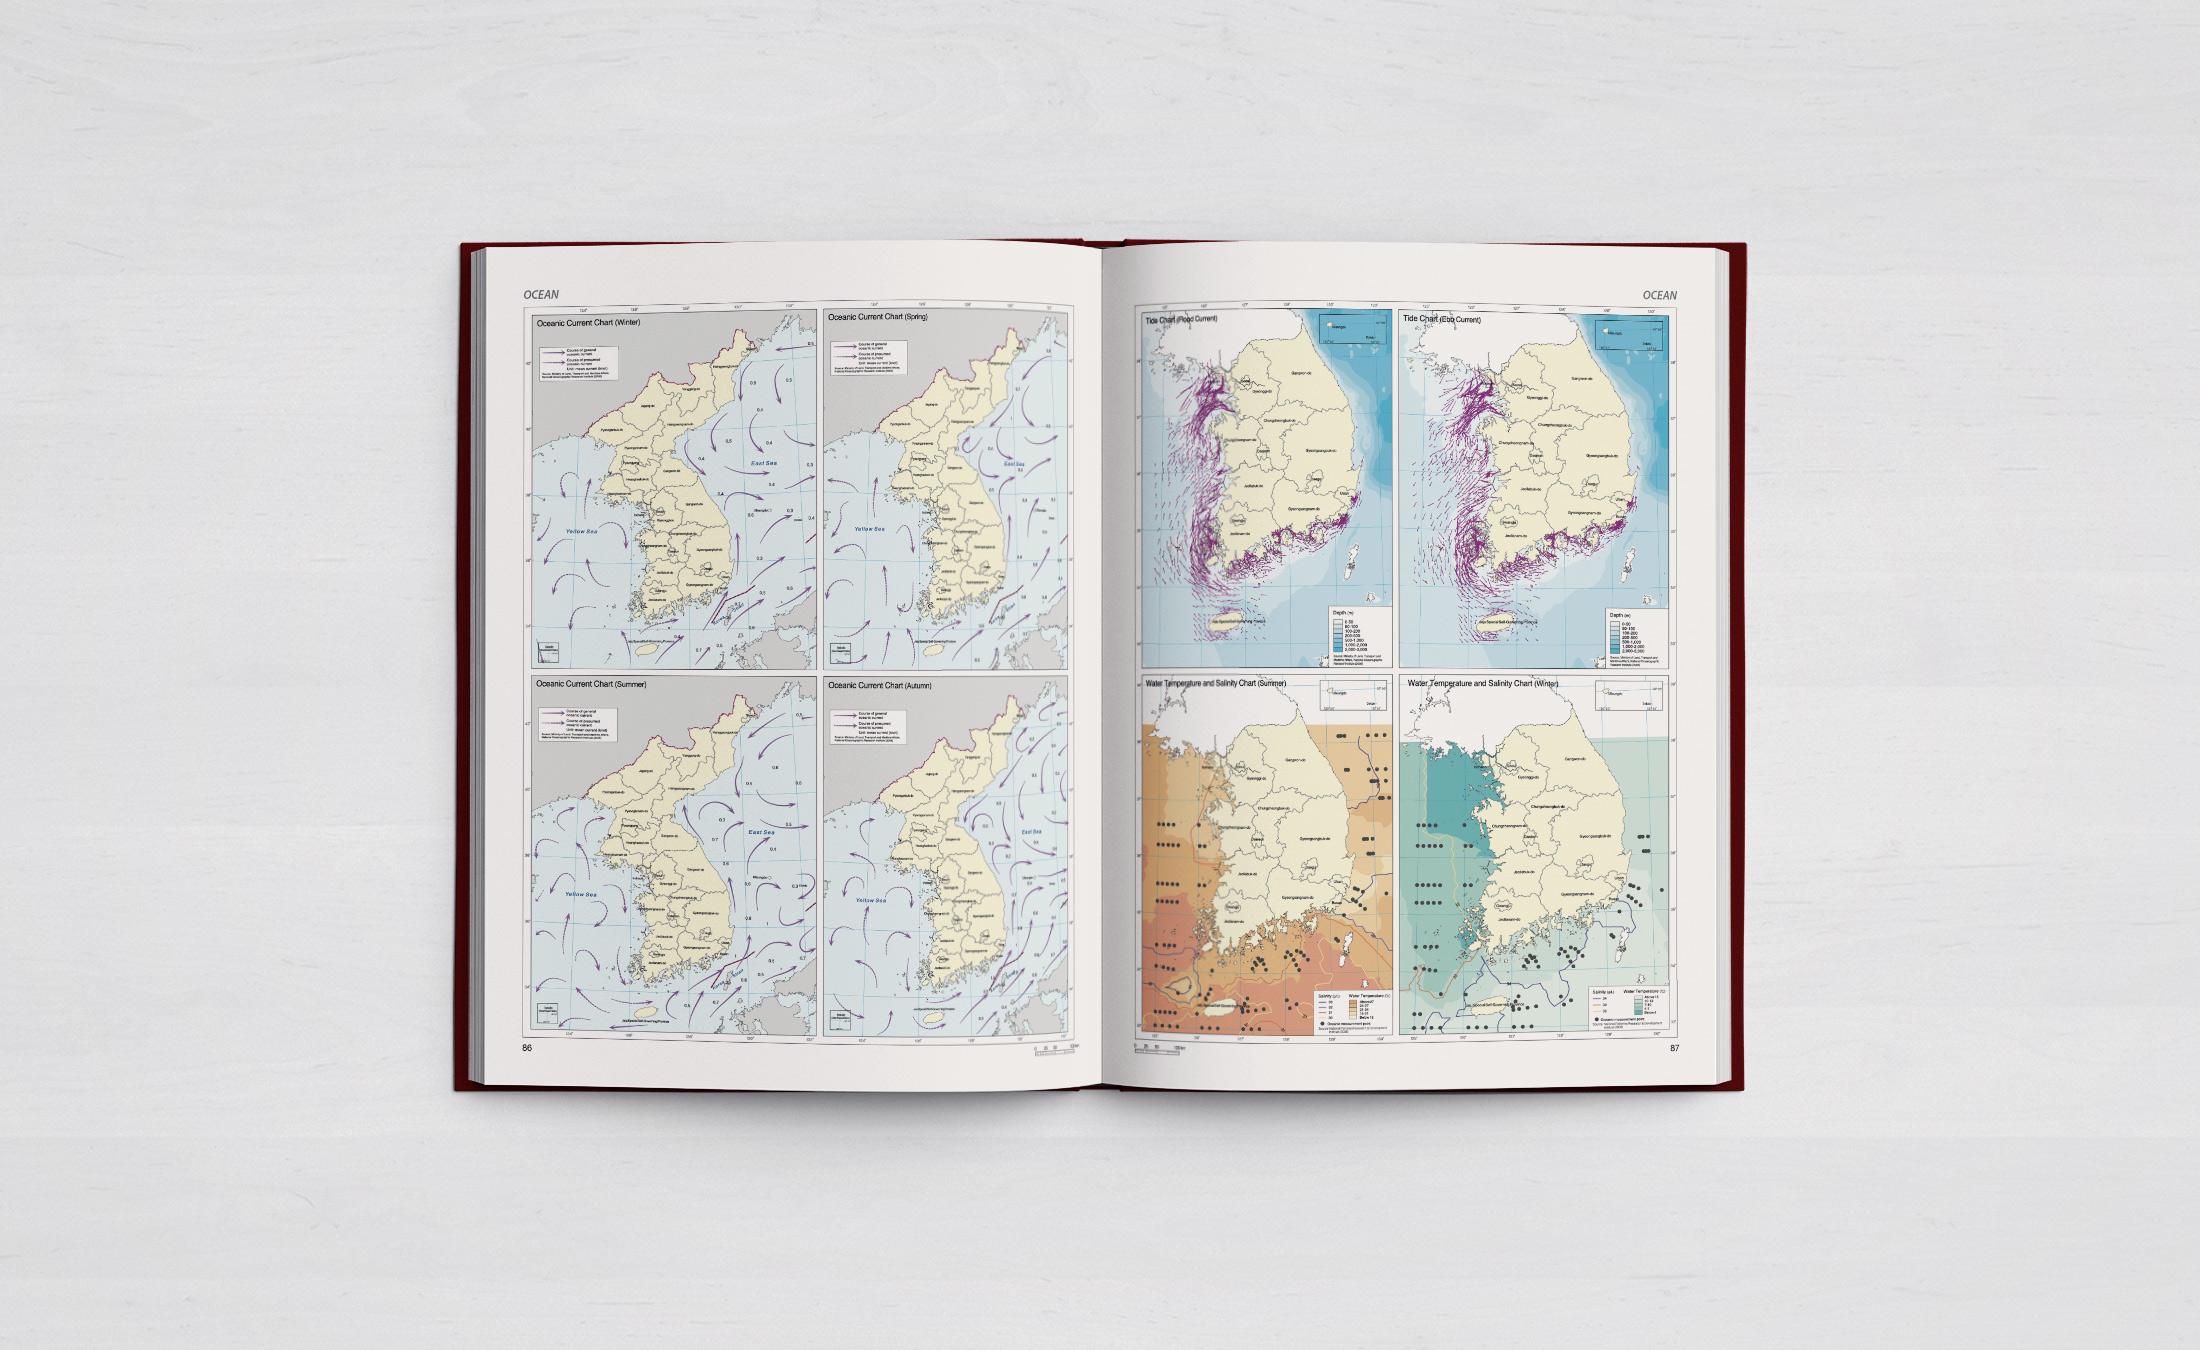 dankelab_korea_atlas_19